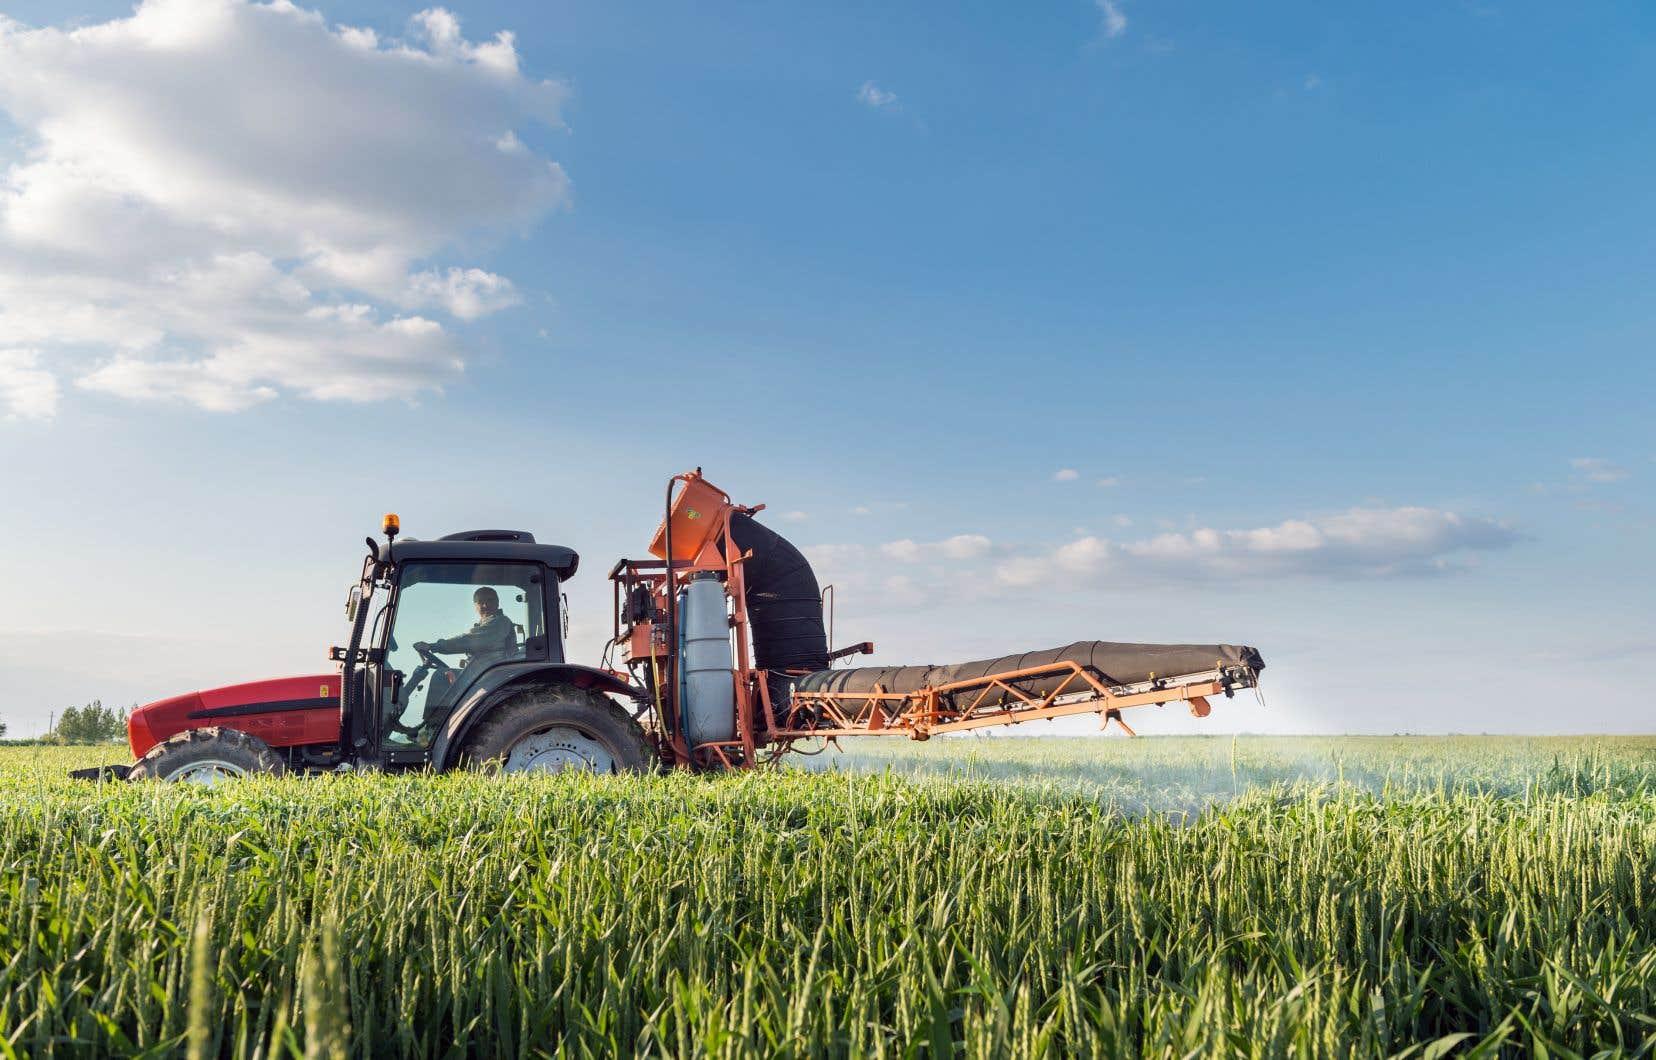 Les agronomes sont tous égaux en ce qui a trait à leur formation et à leur compétence, estime l'auteur, mais pas lorsqu'il est question de leurs intérêts.